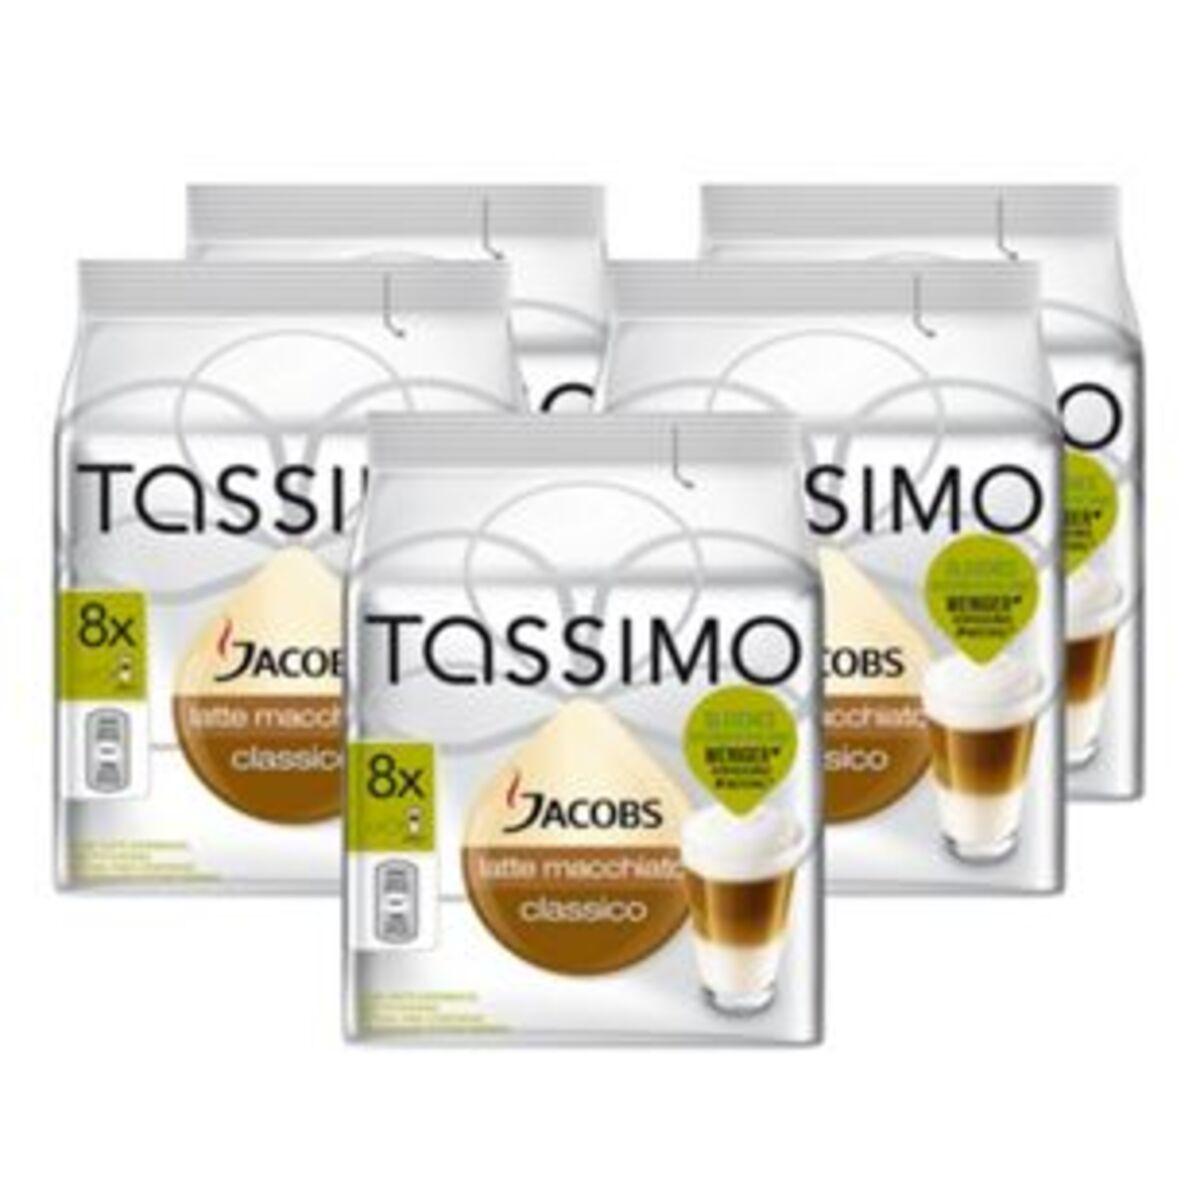 Bild 2 von Jacobs Tassimo Latte Macchiato 16 Kapseln 264 g, 5er Pack